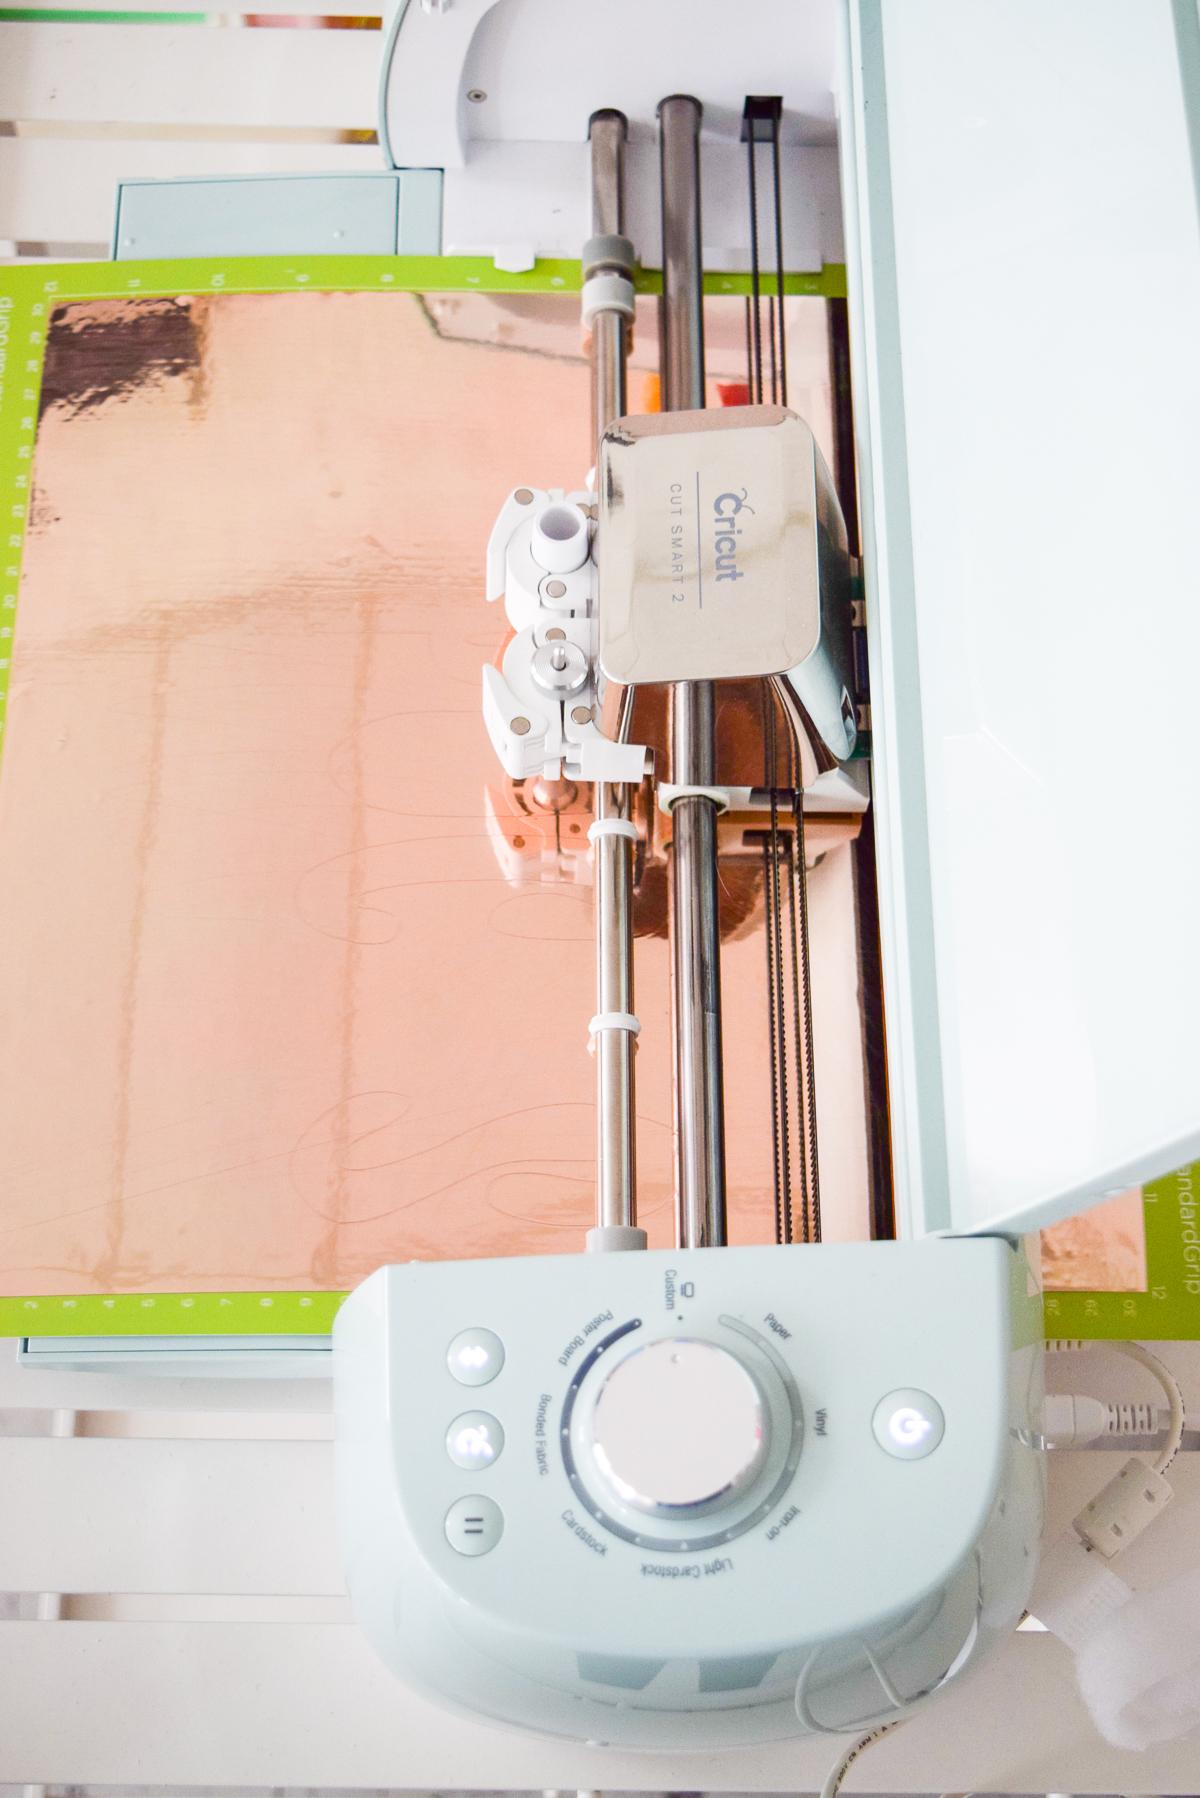 cricut machine cutting vinyl